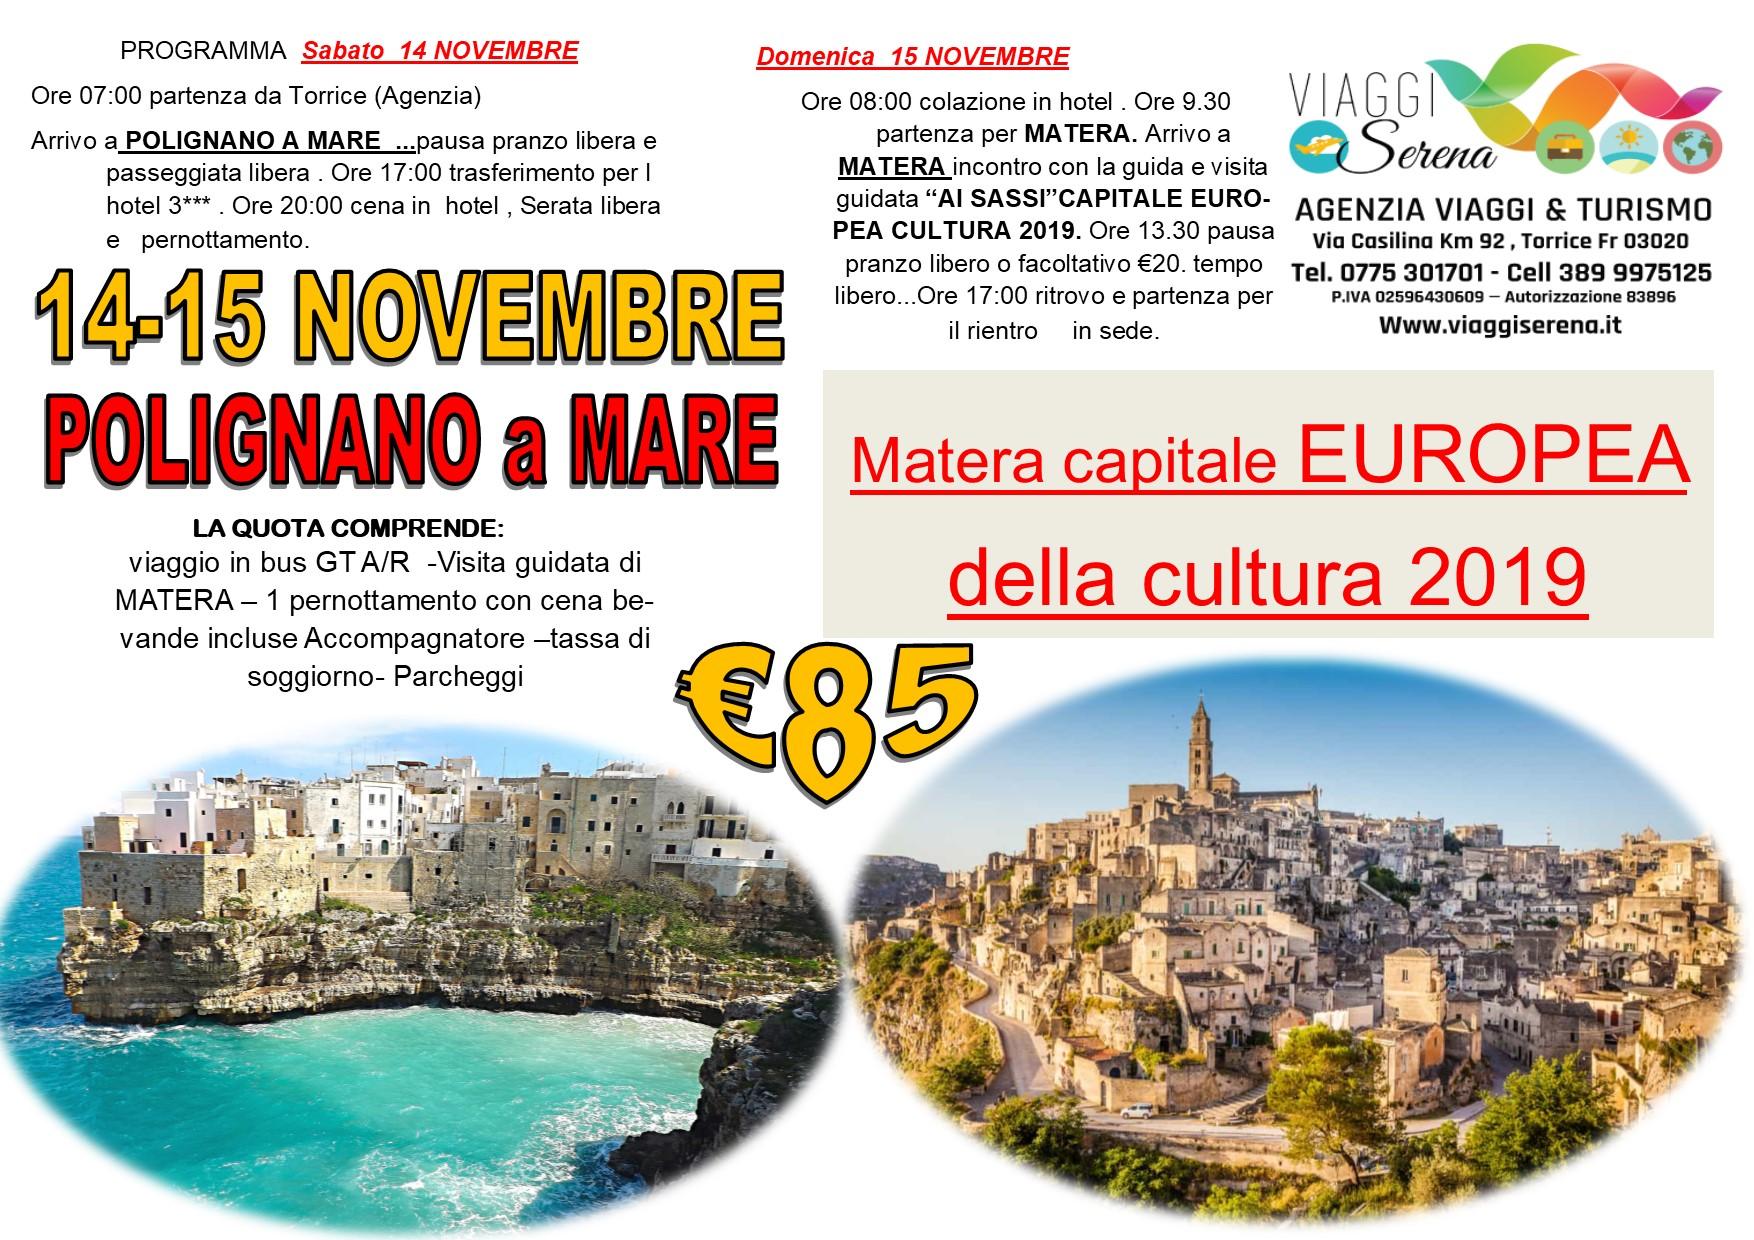 Viaggi di Gruppo: Polignano a Mare & Matera 14-15 Novembre € 85,00